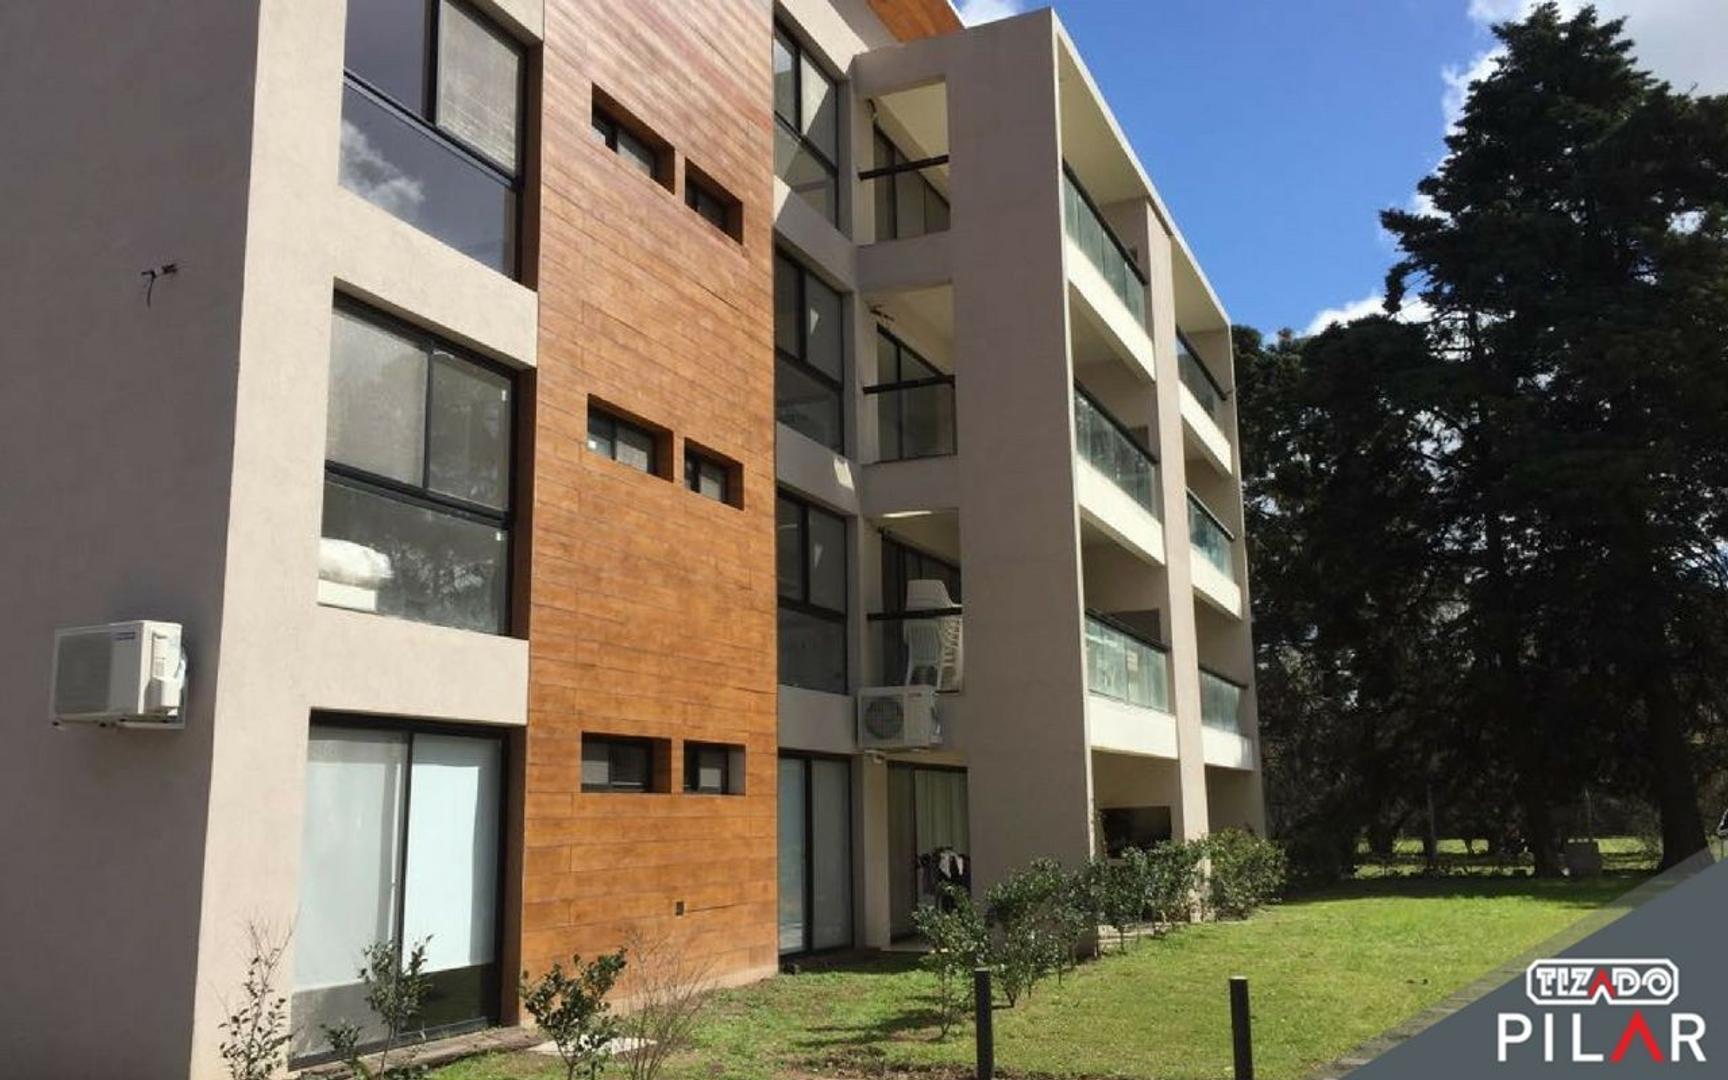 Departamento  en Venta ubicado en Pilar, Pilar y Alrededores - PIL3758_LP168165_1